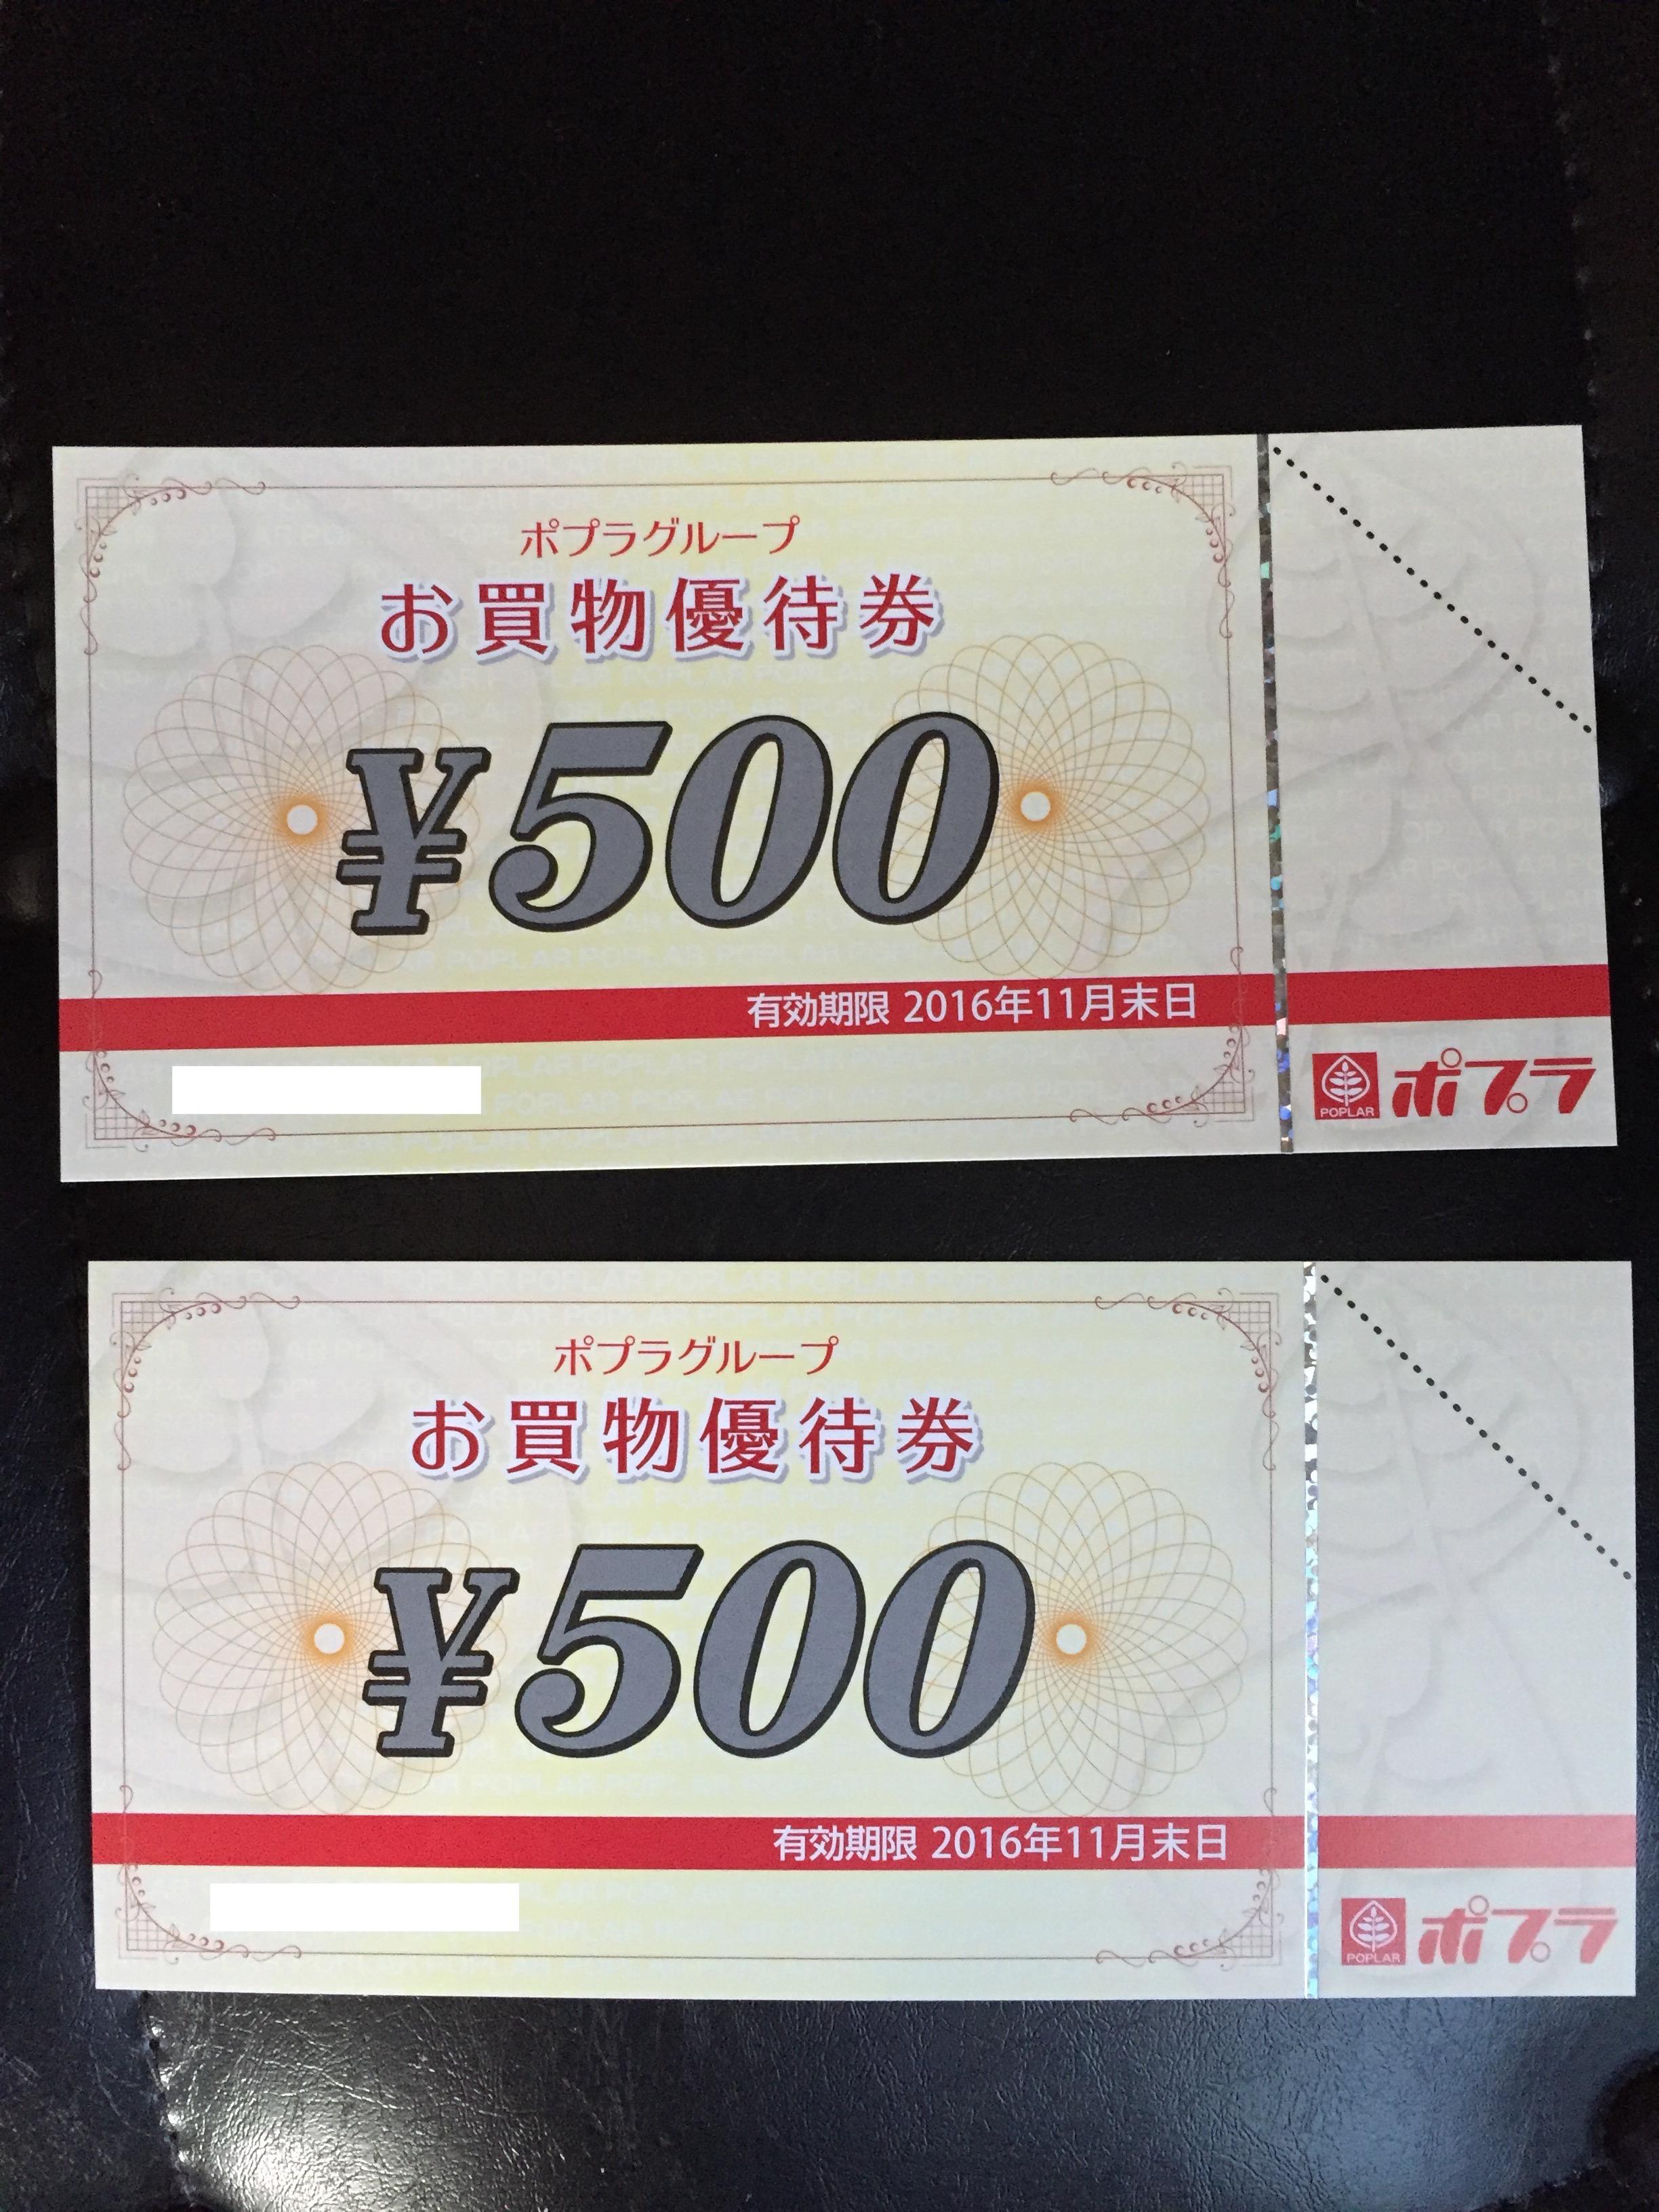 ポプラ(7601)の株主優待を徹底紹介!! 広島県民にはありがたい??